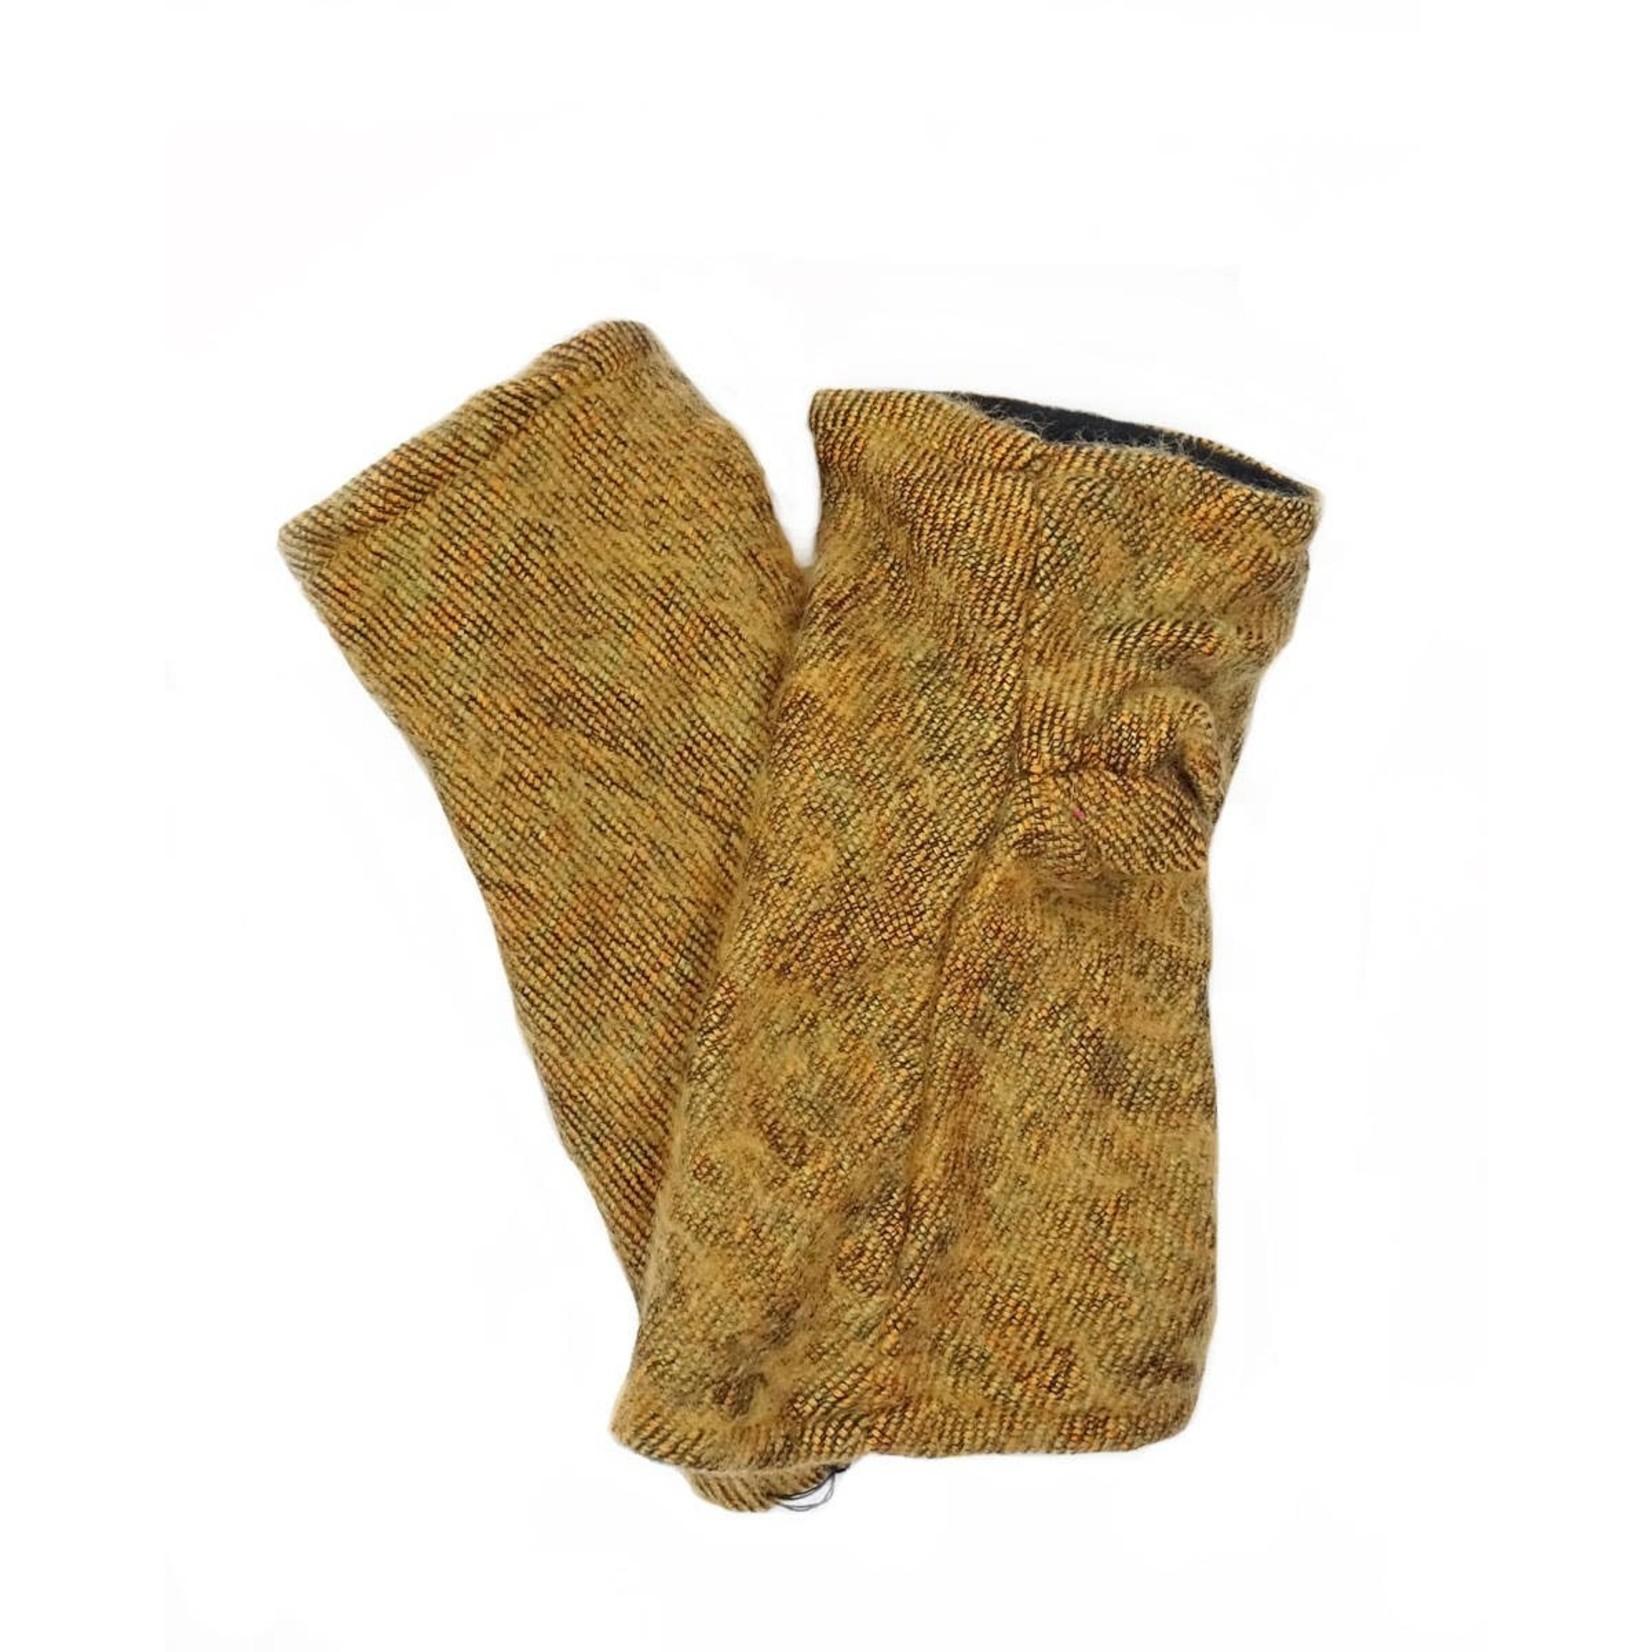 Zig Zag Asian Brushed Woven Fingerless Gloves in Saffron